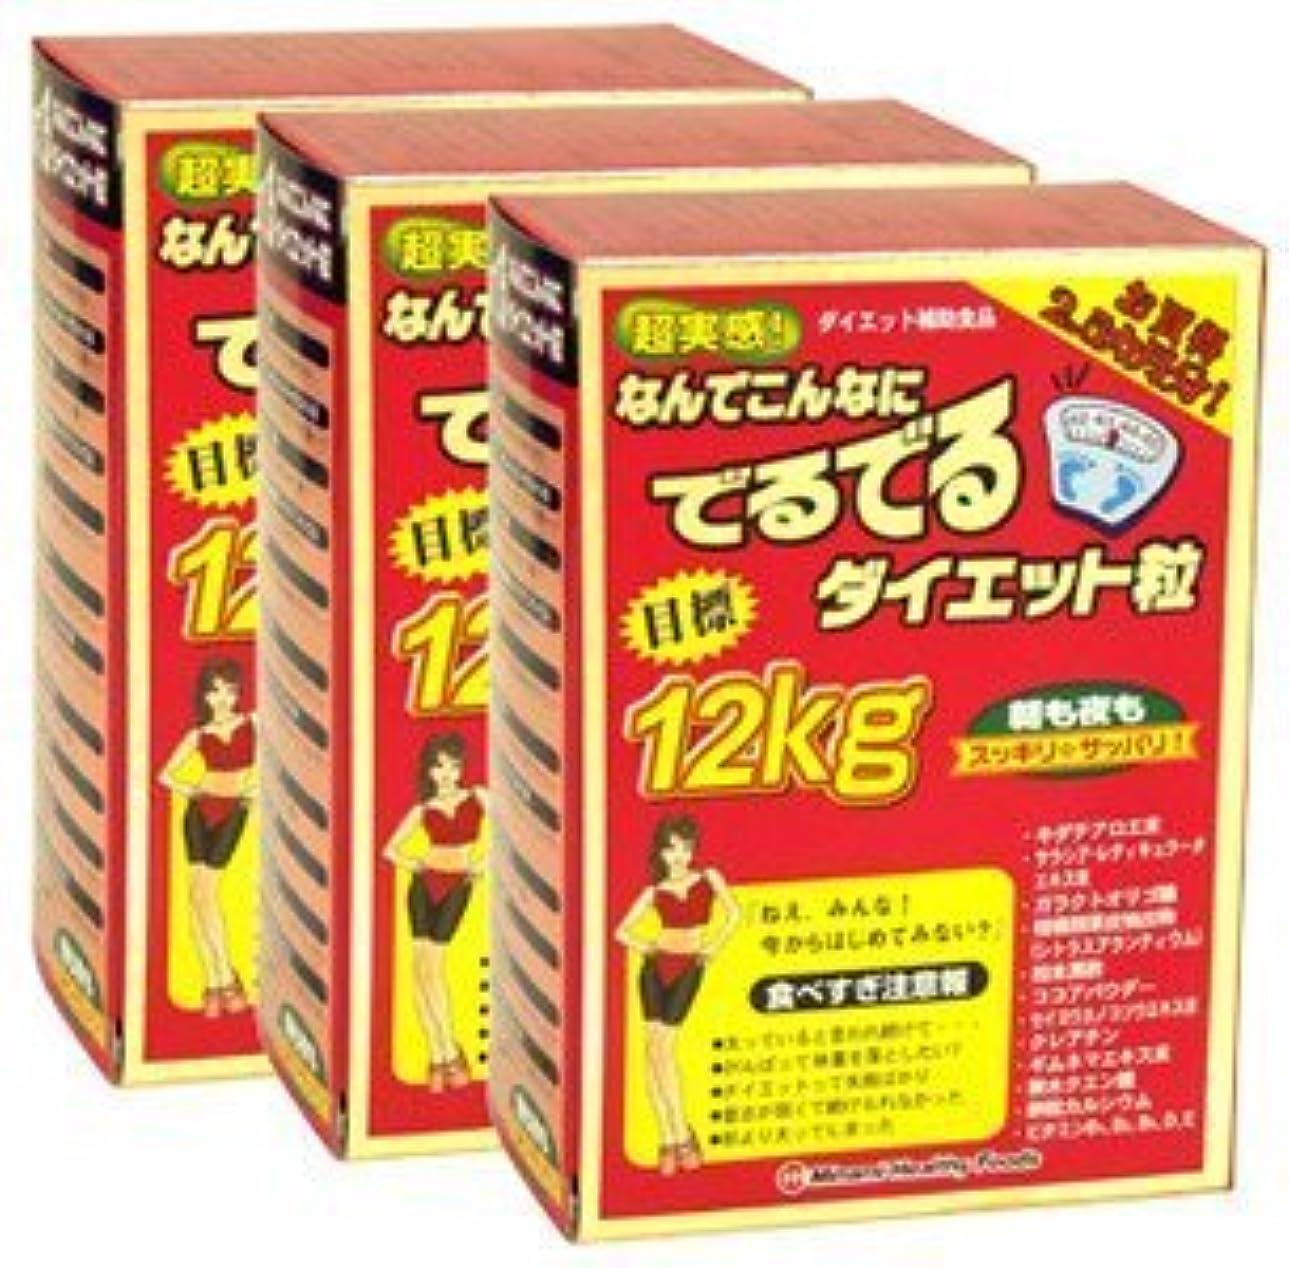 モロニック三角つぶやきミナミヘルシーフーズ 超実感 でるでる粒 75袋入 約75日分【3箱セット】